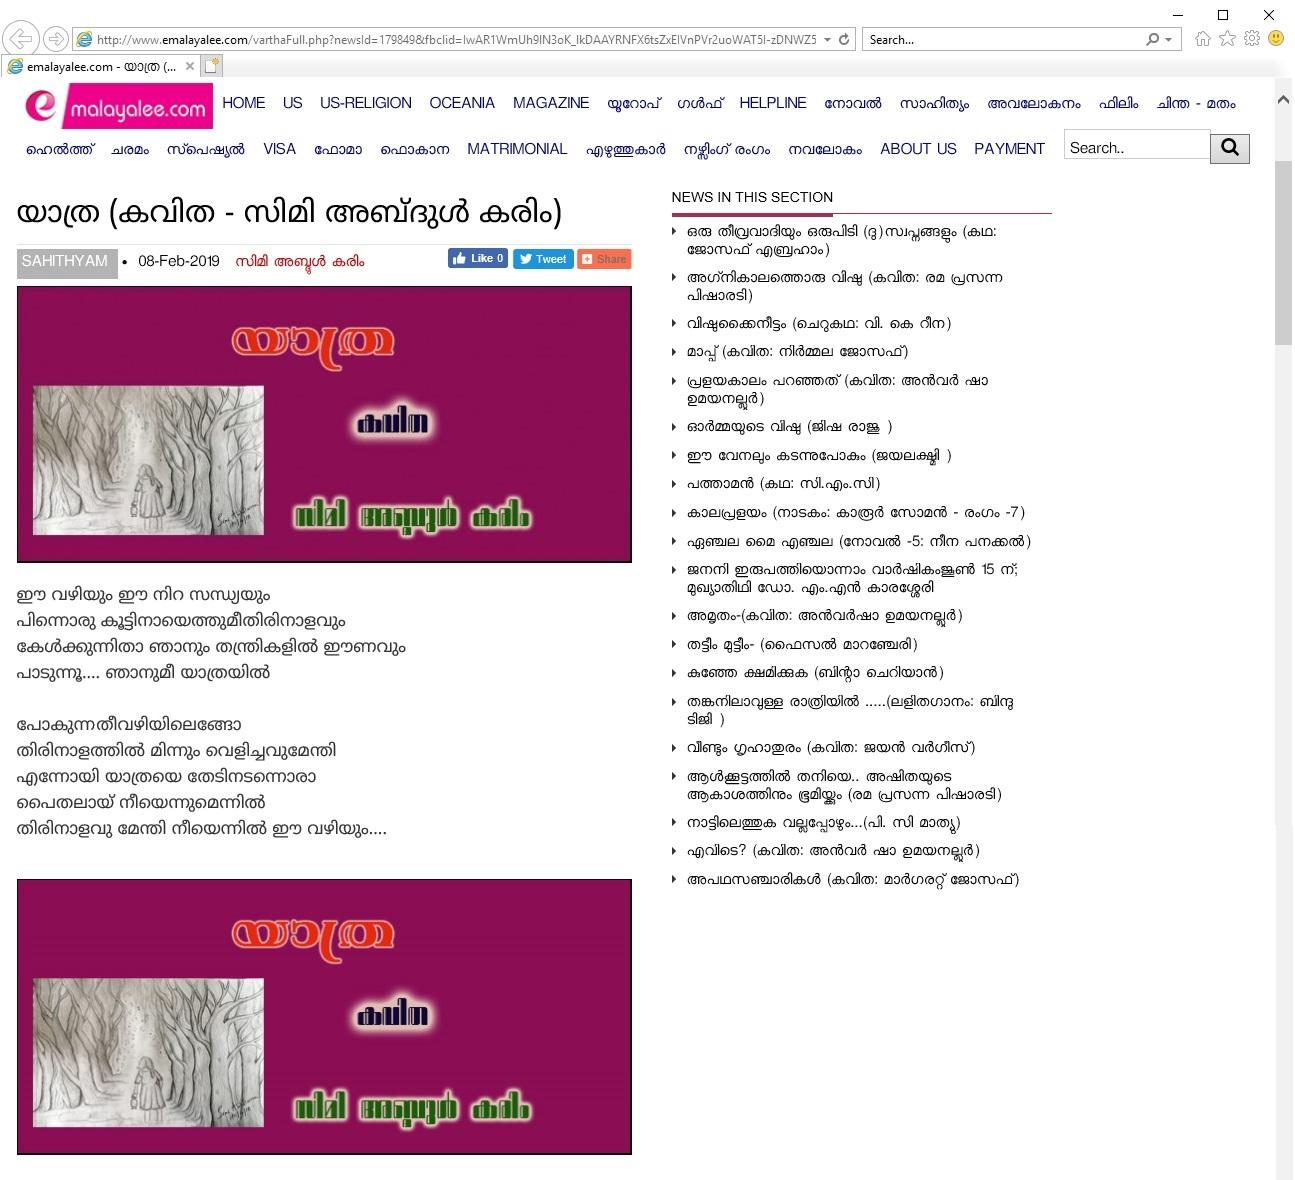 emalayalee - yathra